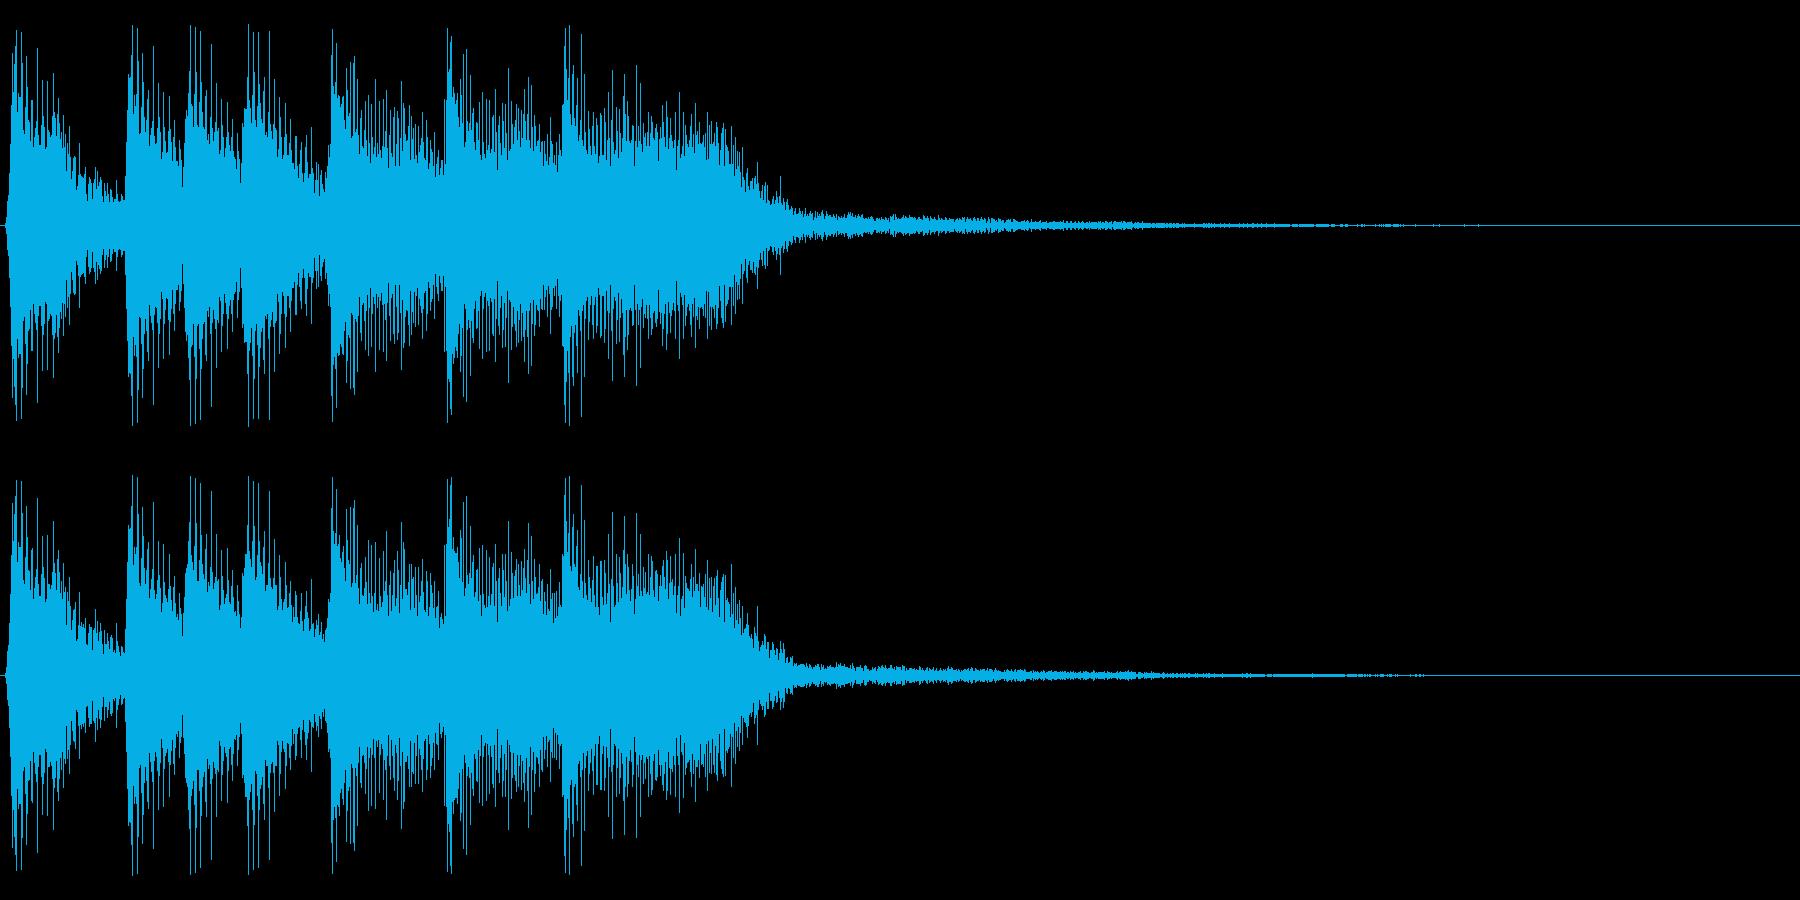 ファミコン風ゲームクリア音 レトロな音の再生済みの波形